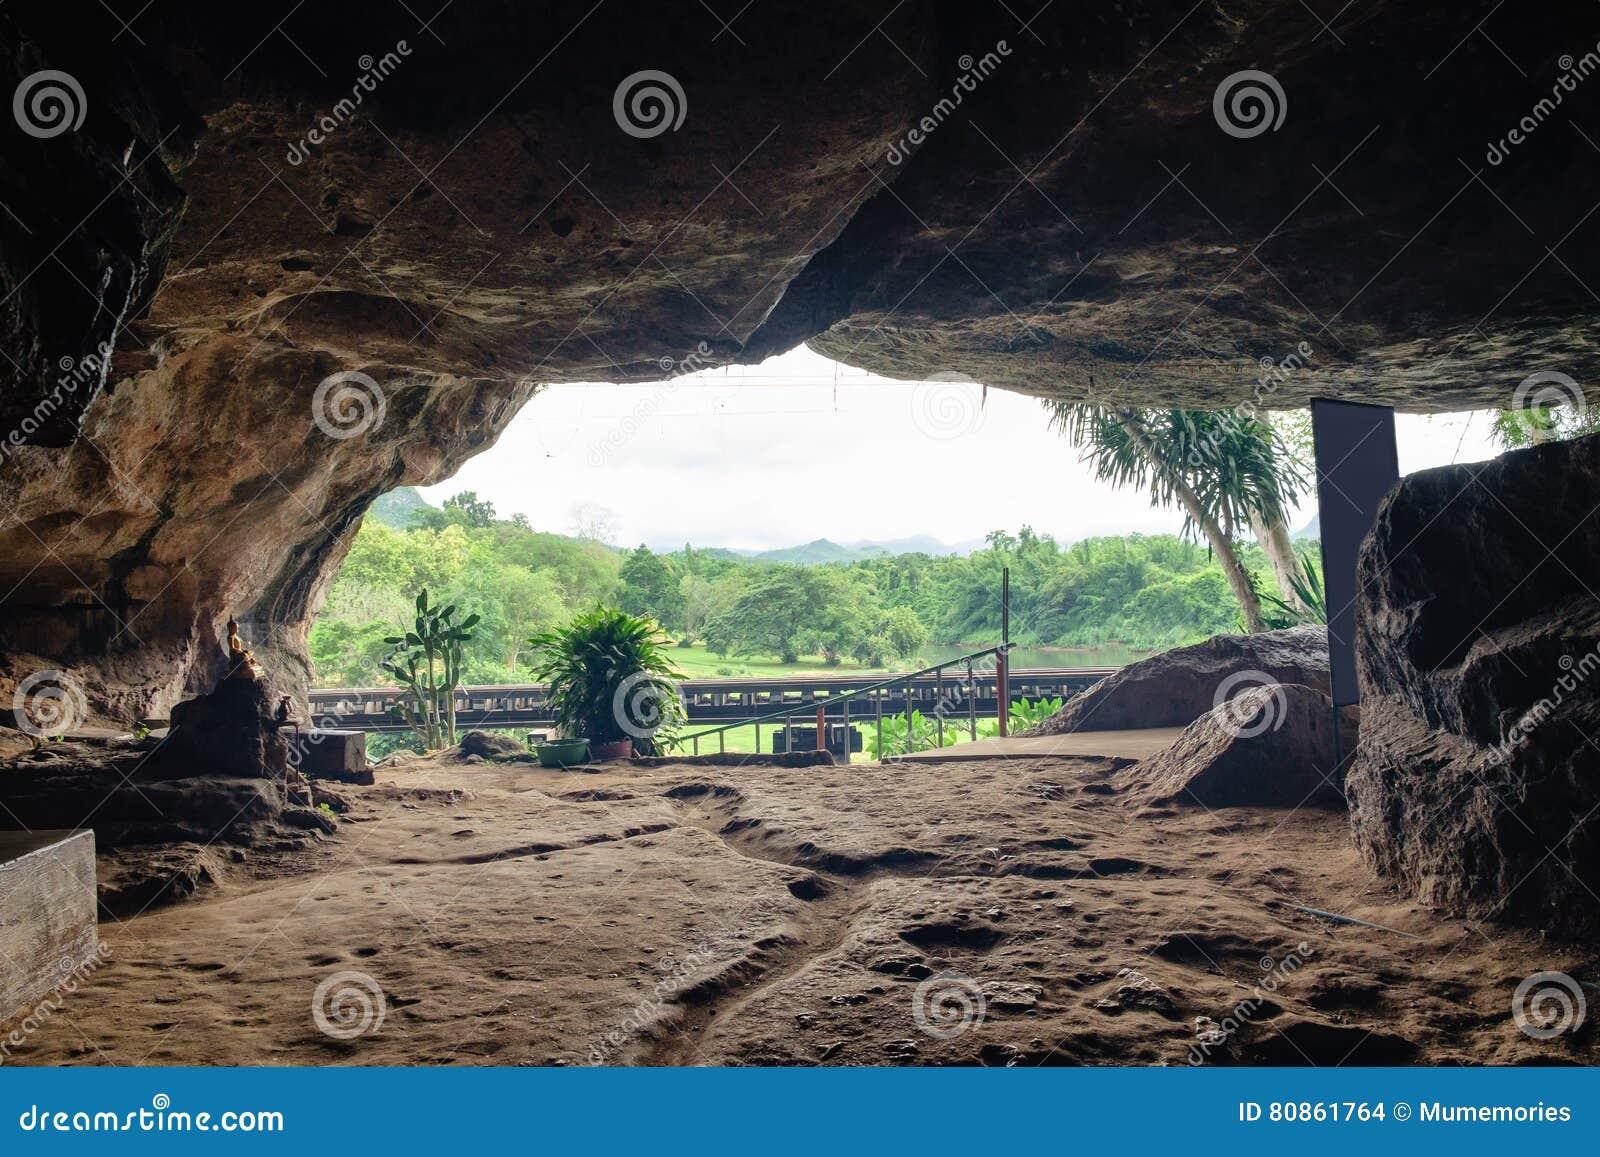 La cavit della pietra della caverna di storia della for 3 case di storia in california